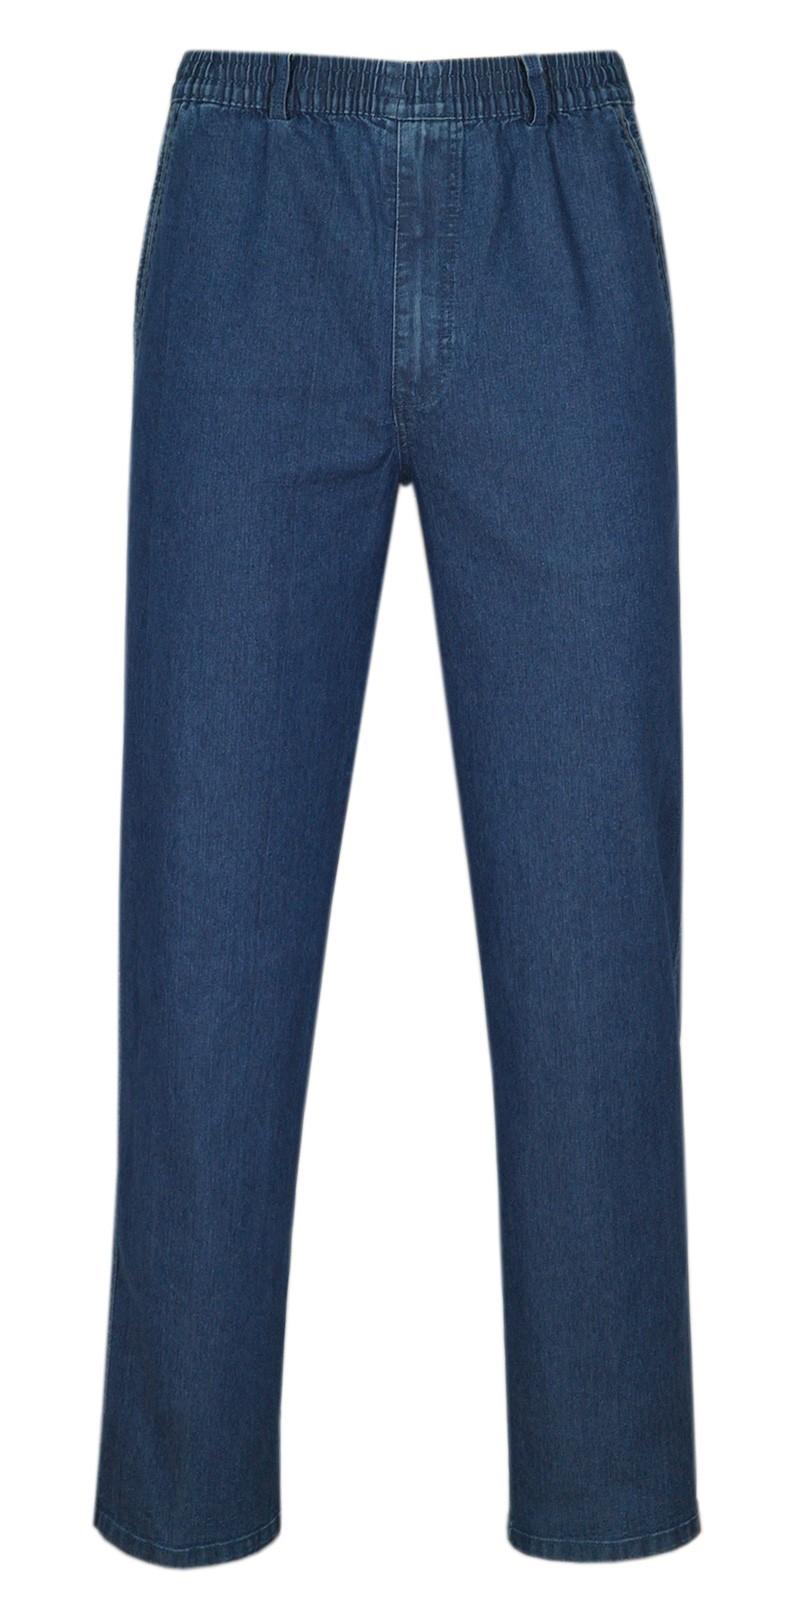 erren Jeans Stretch Schlupfhose Schlupfjeans ohne Cargo-Taschen blue/frontansicht